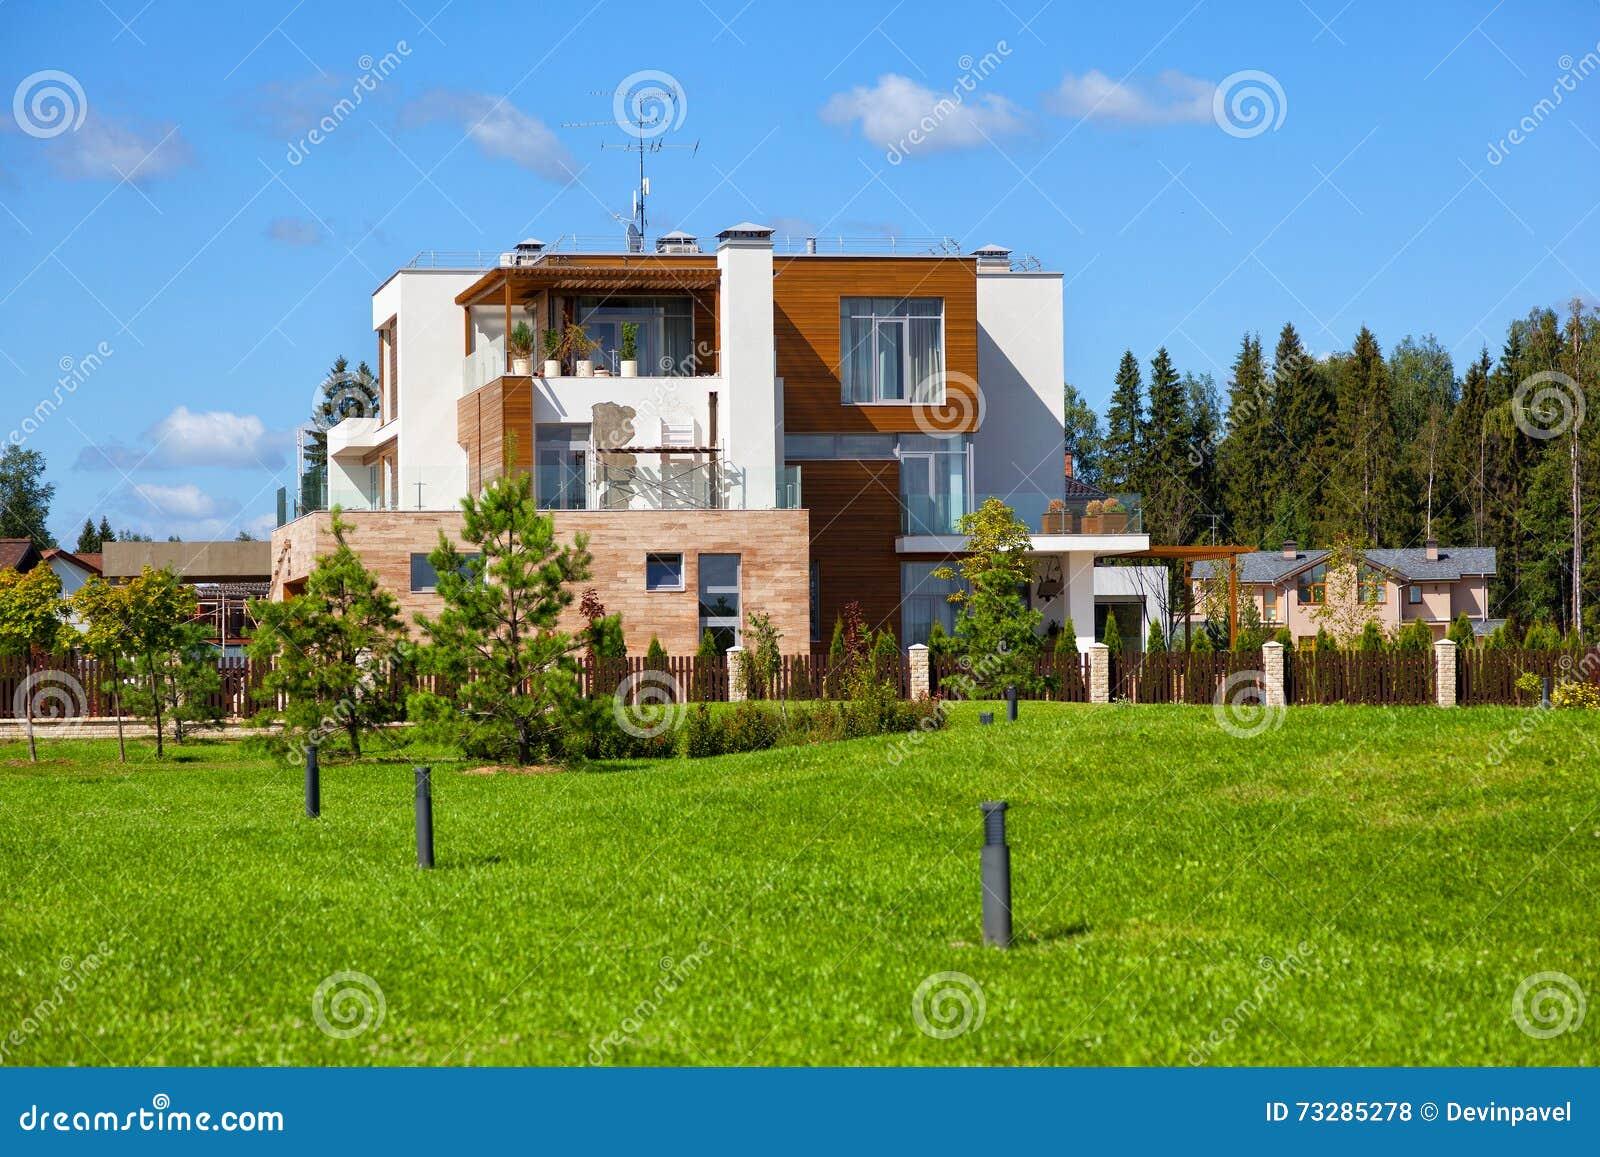 Casa de campo moderna casas de campo moderno casa de for Casa moderna en el campo